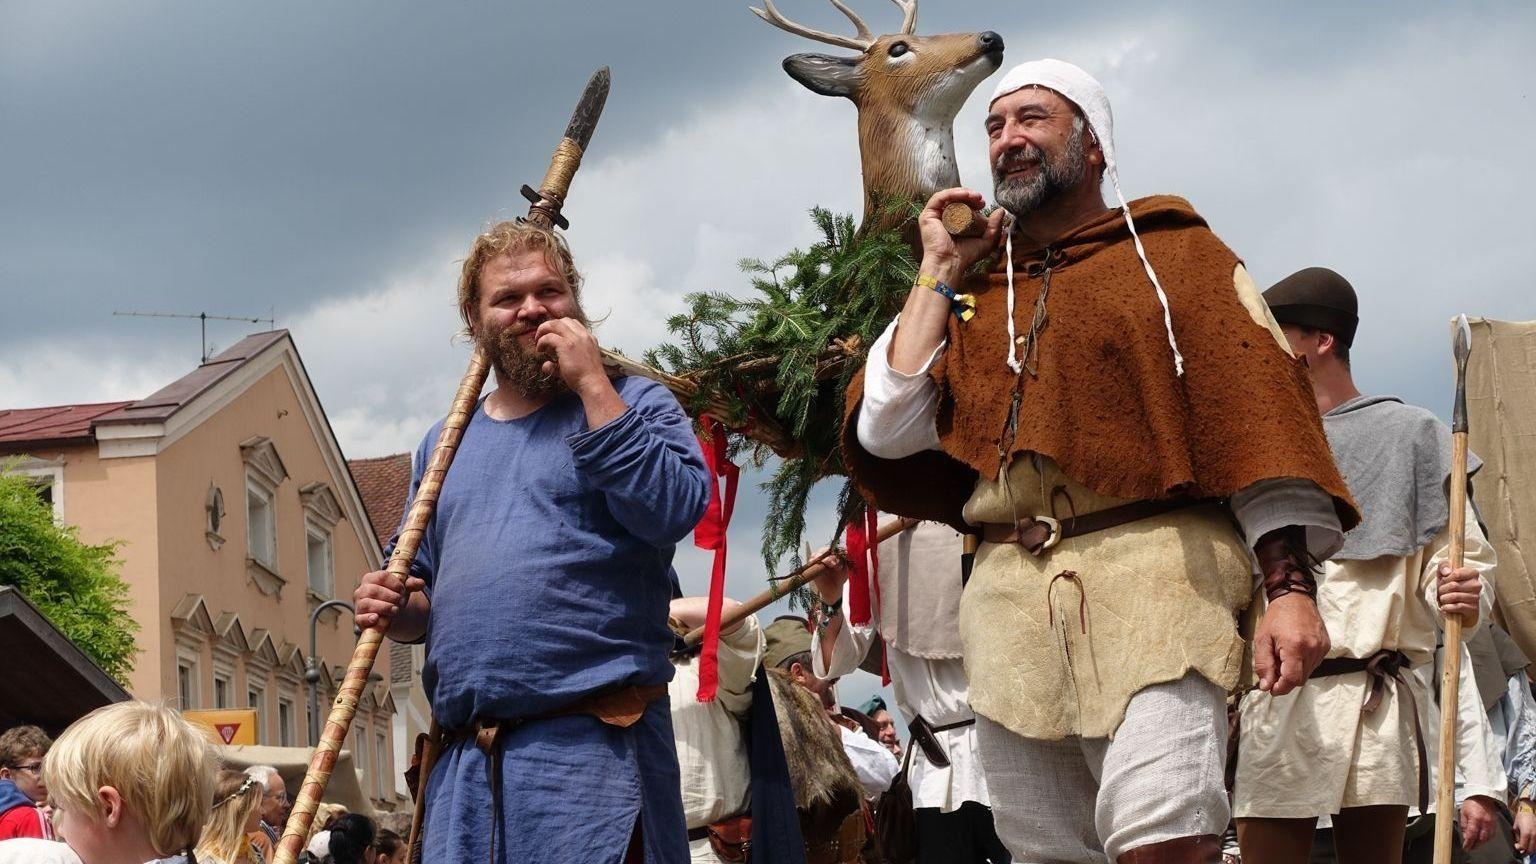 """""""Auf Heller und Barde"""" heißt es beim Mittelalterfest im niederbayerischen Arnstorf, wo sich drei Tage lang mutwillige Ritter ins Turnier stürzen."""